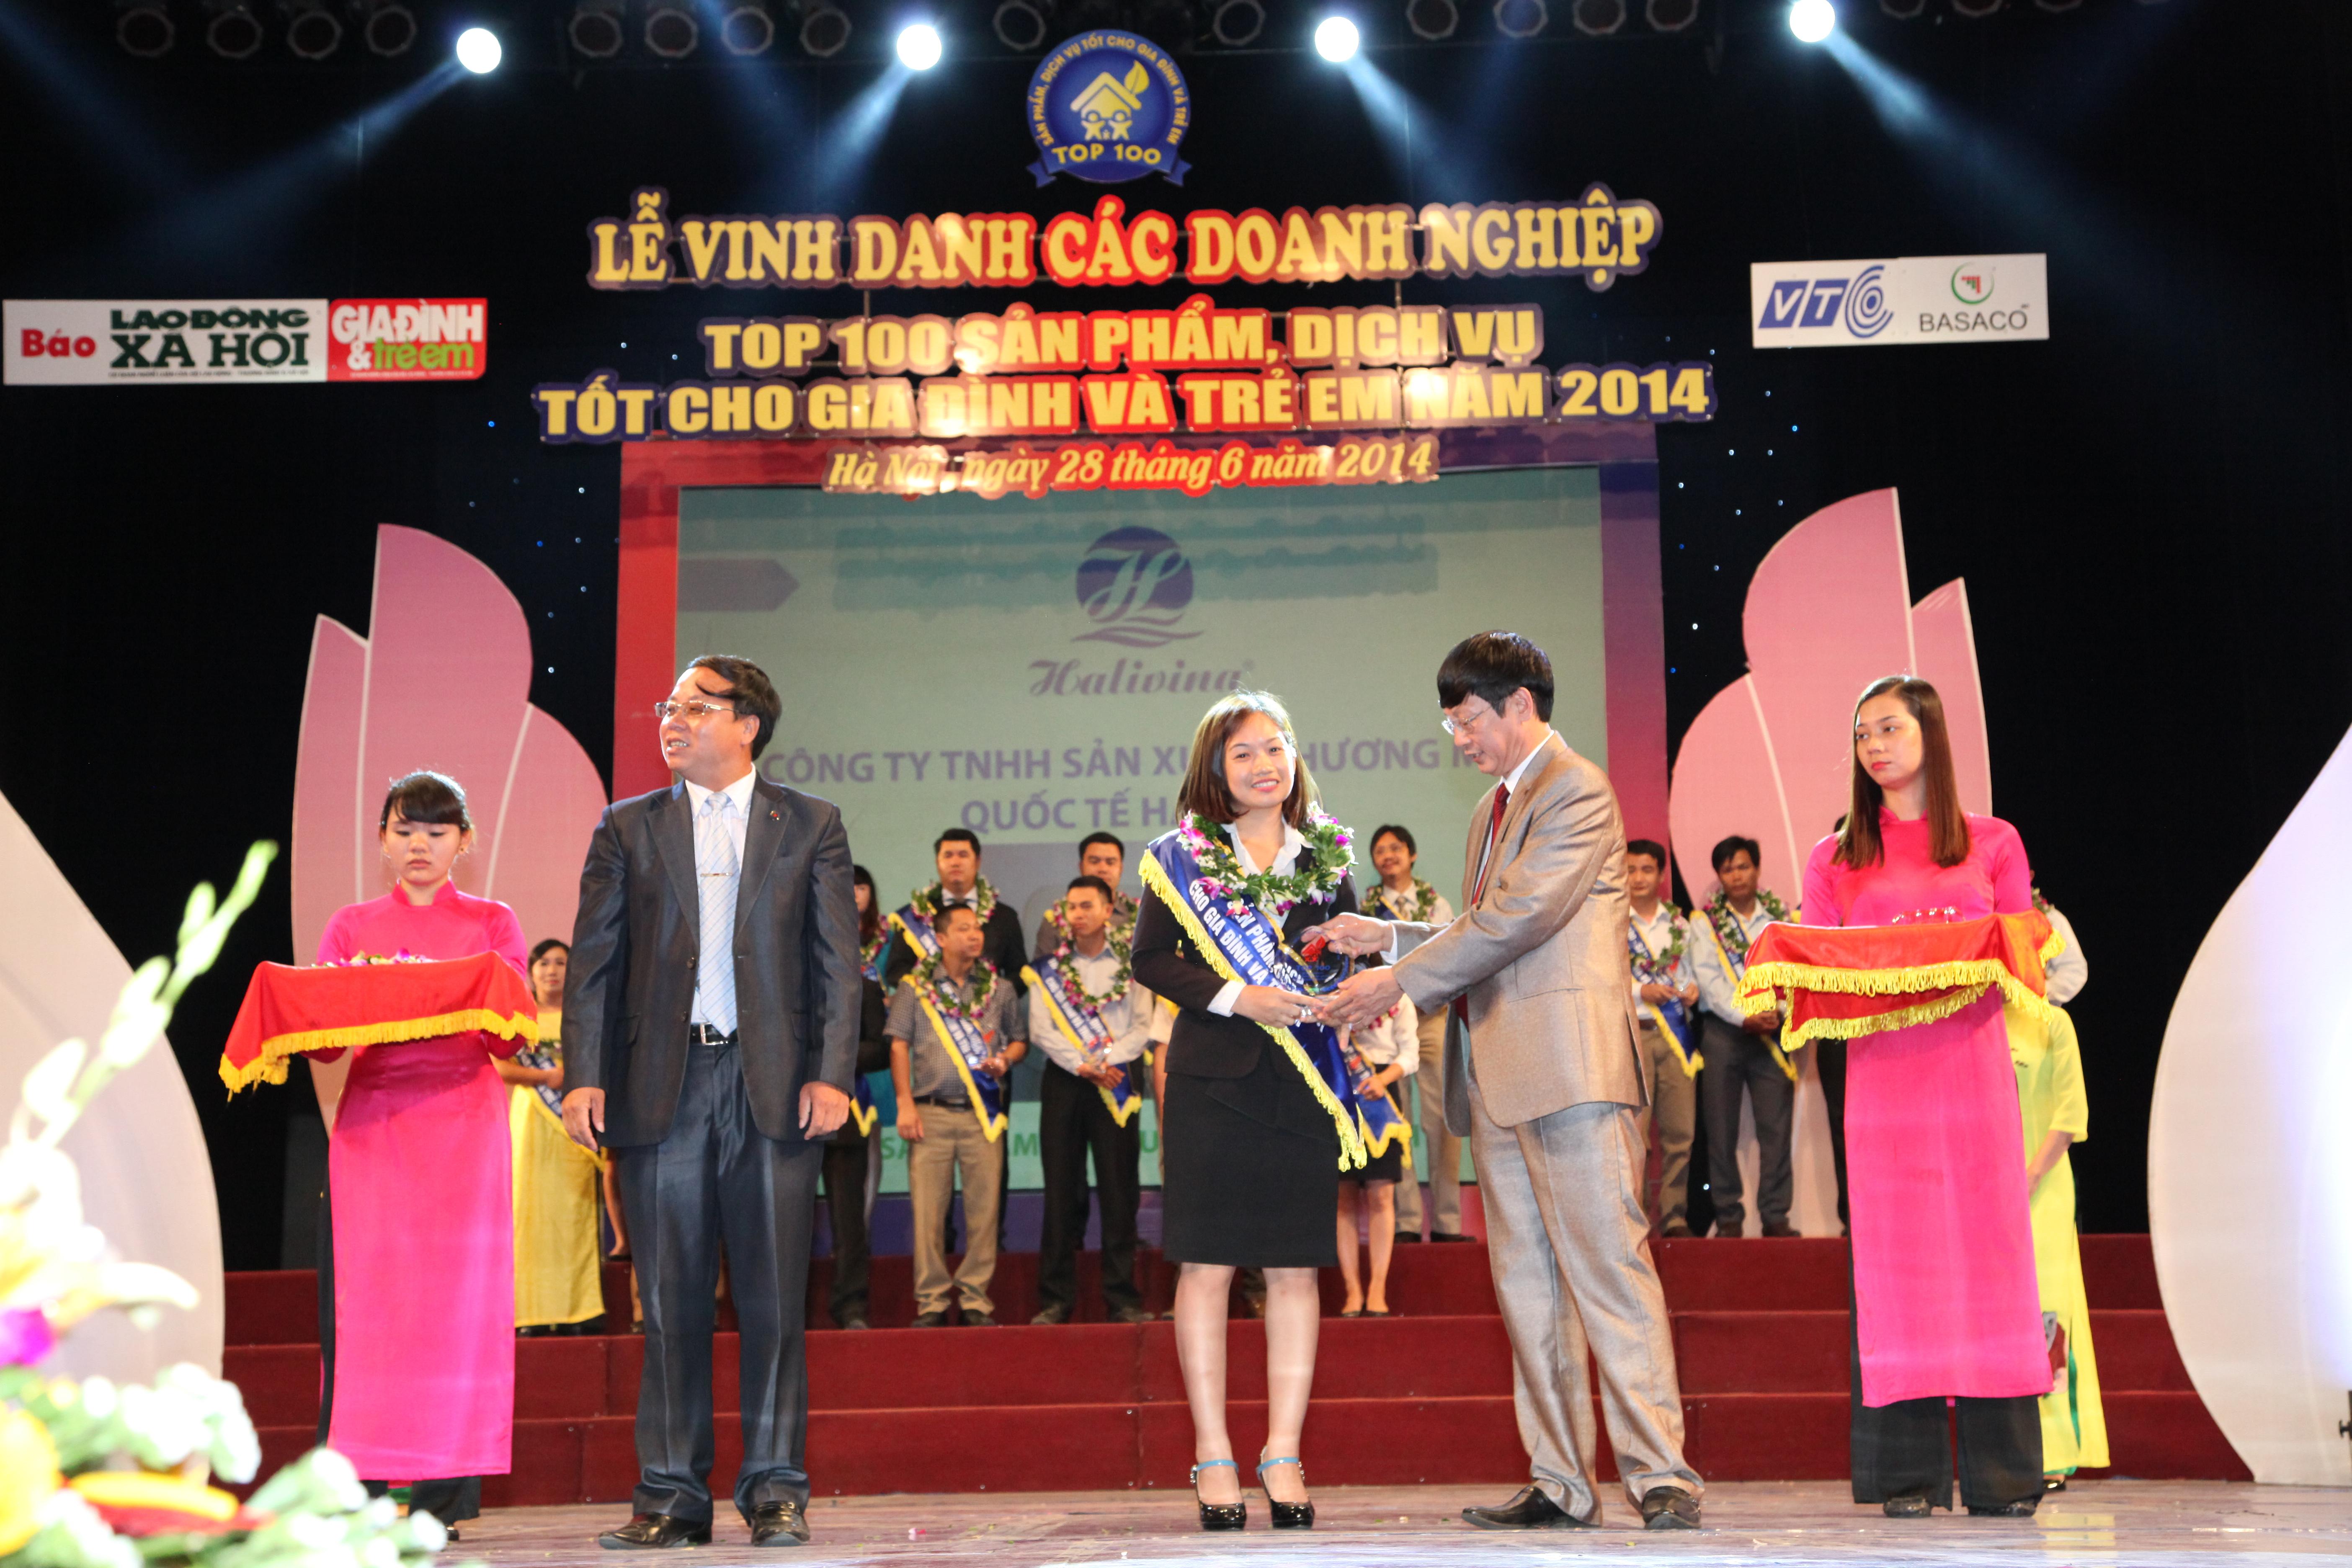 Halivina nhận giải thưởng Top 100 do người tiêu dùng bình chọn 2014